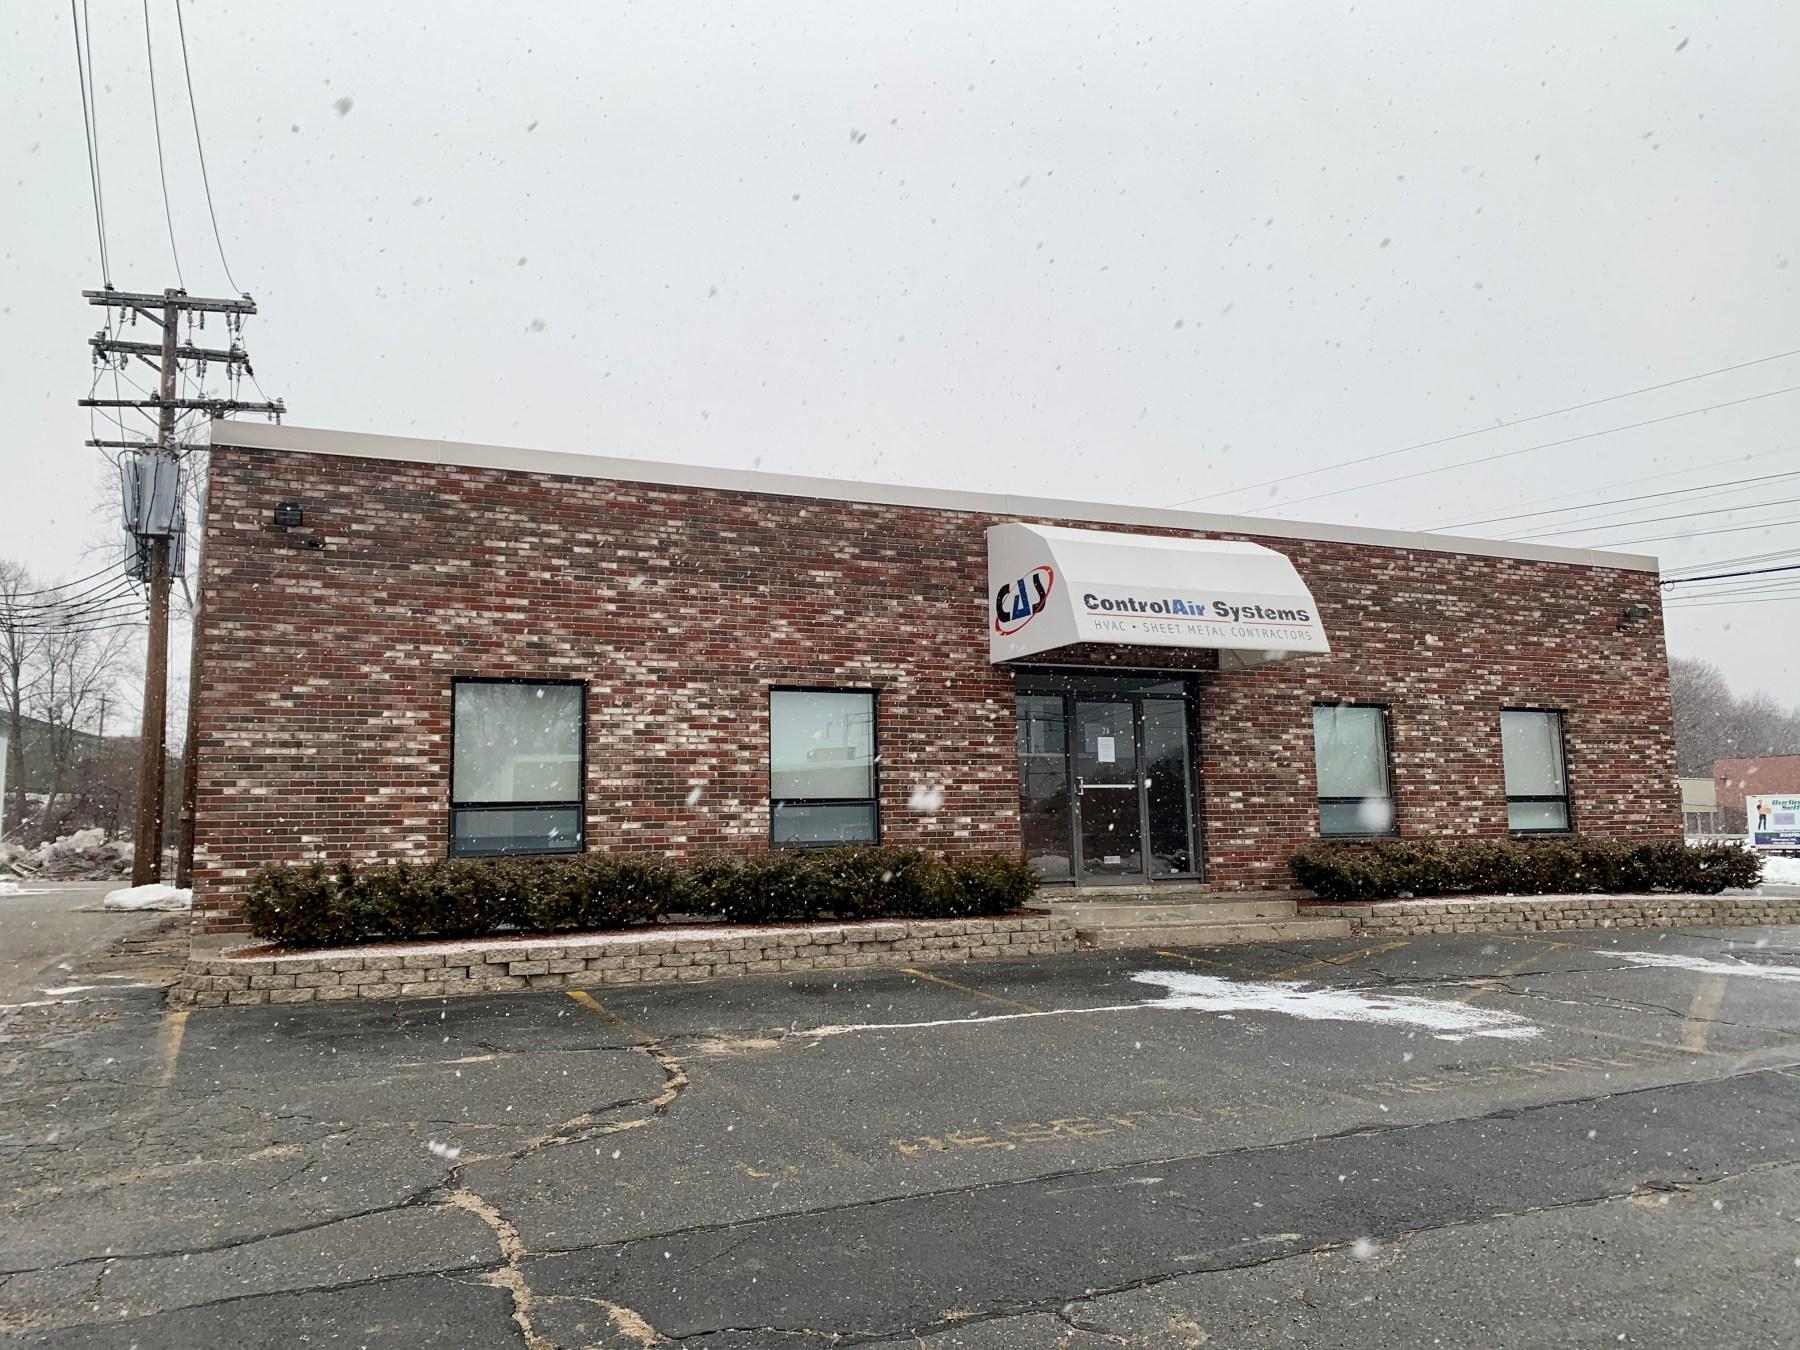 ControlAir Systems, 25 Ray Ave., Burlington MA